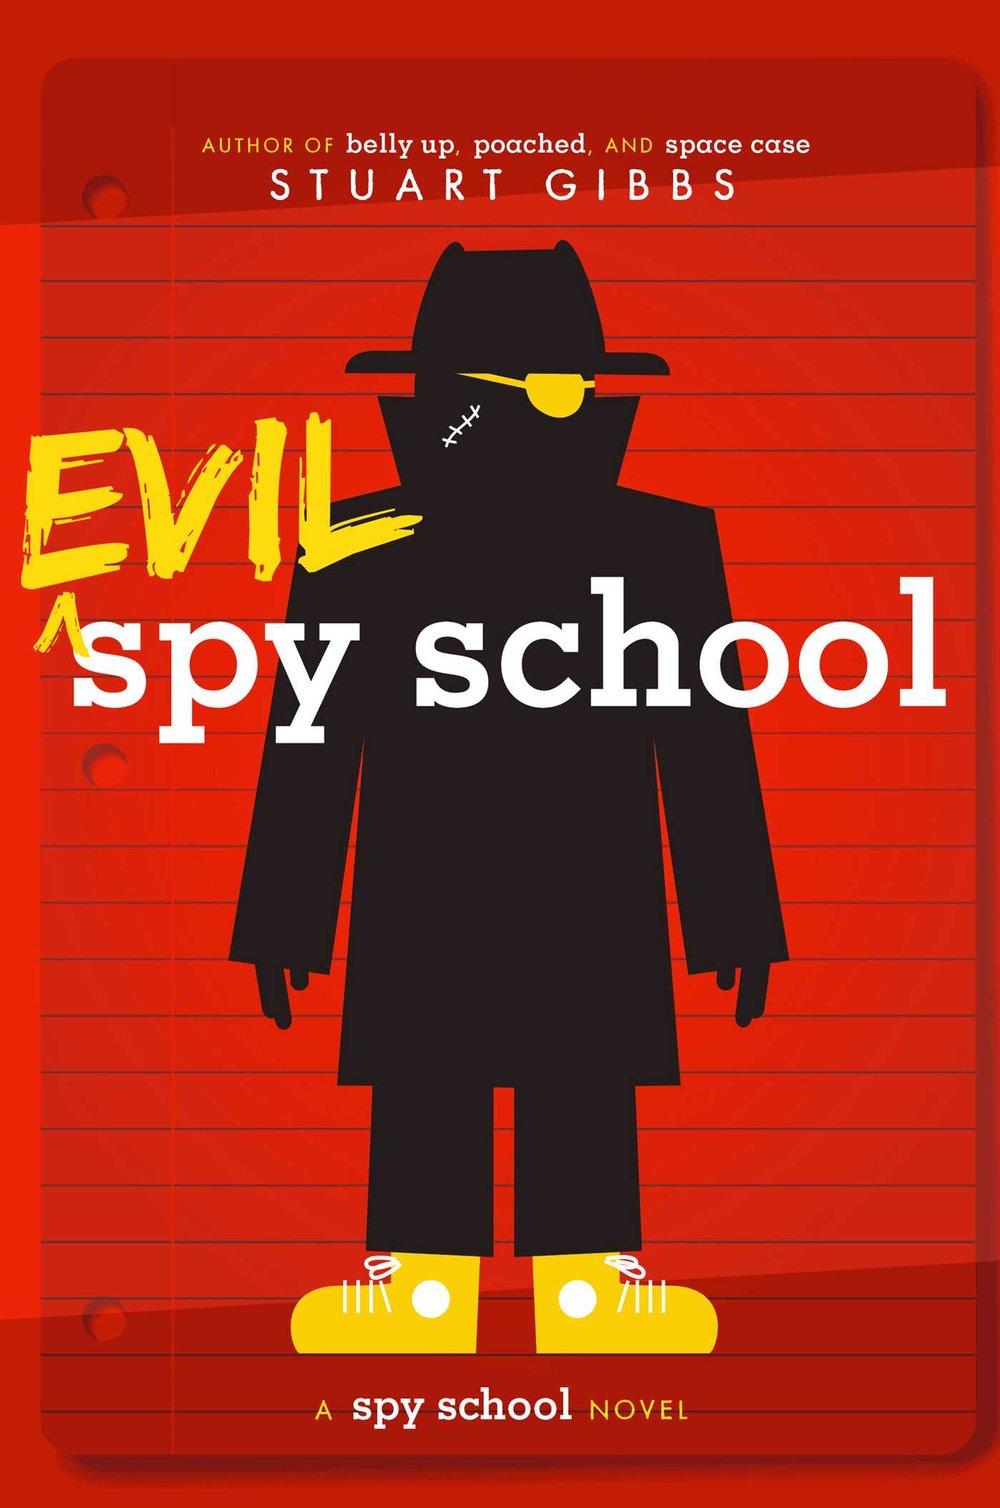 stuart-gibbs-evil-spy-school.jpg